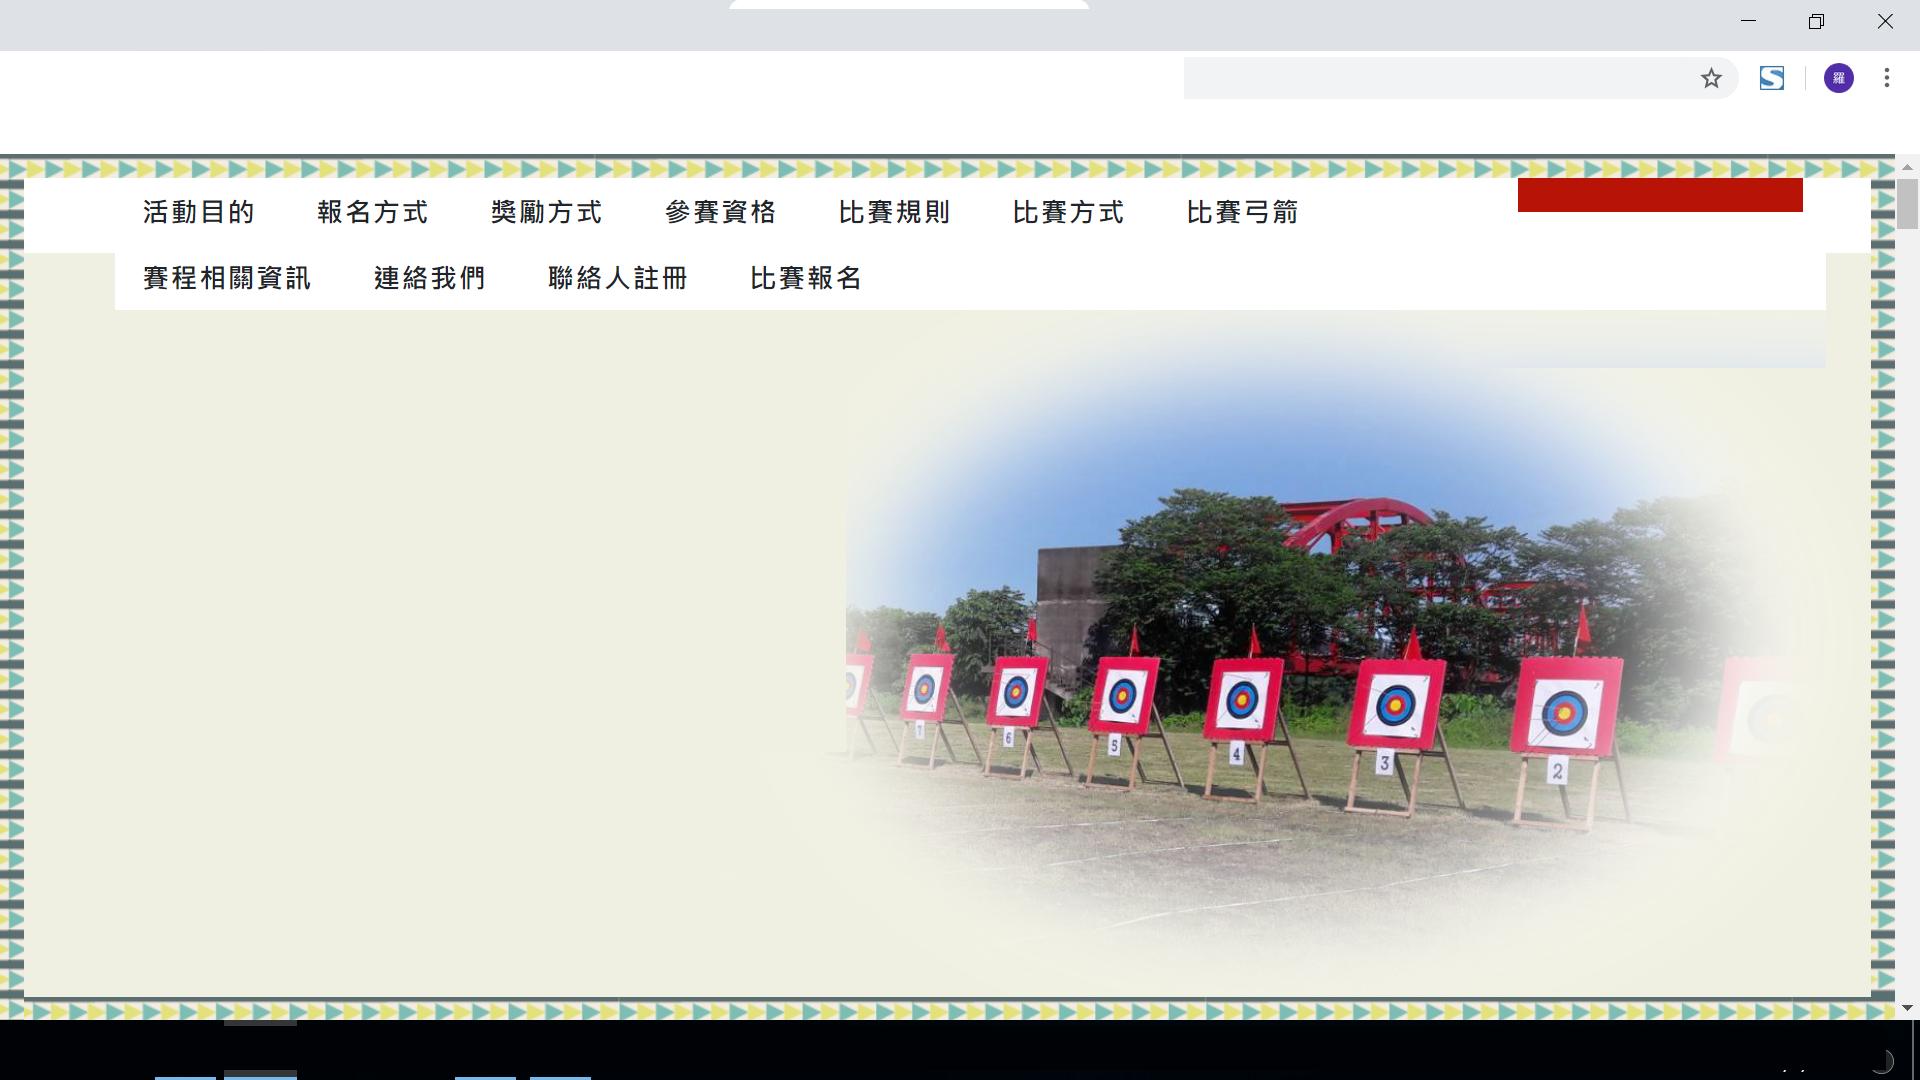 傳統射箭比賽網站